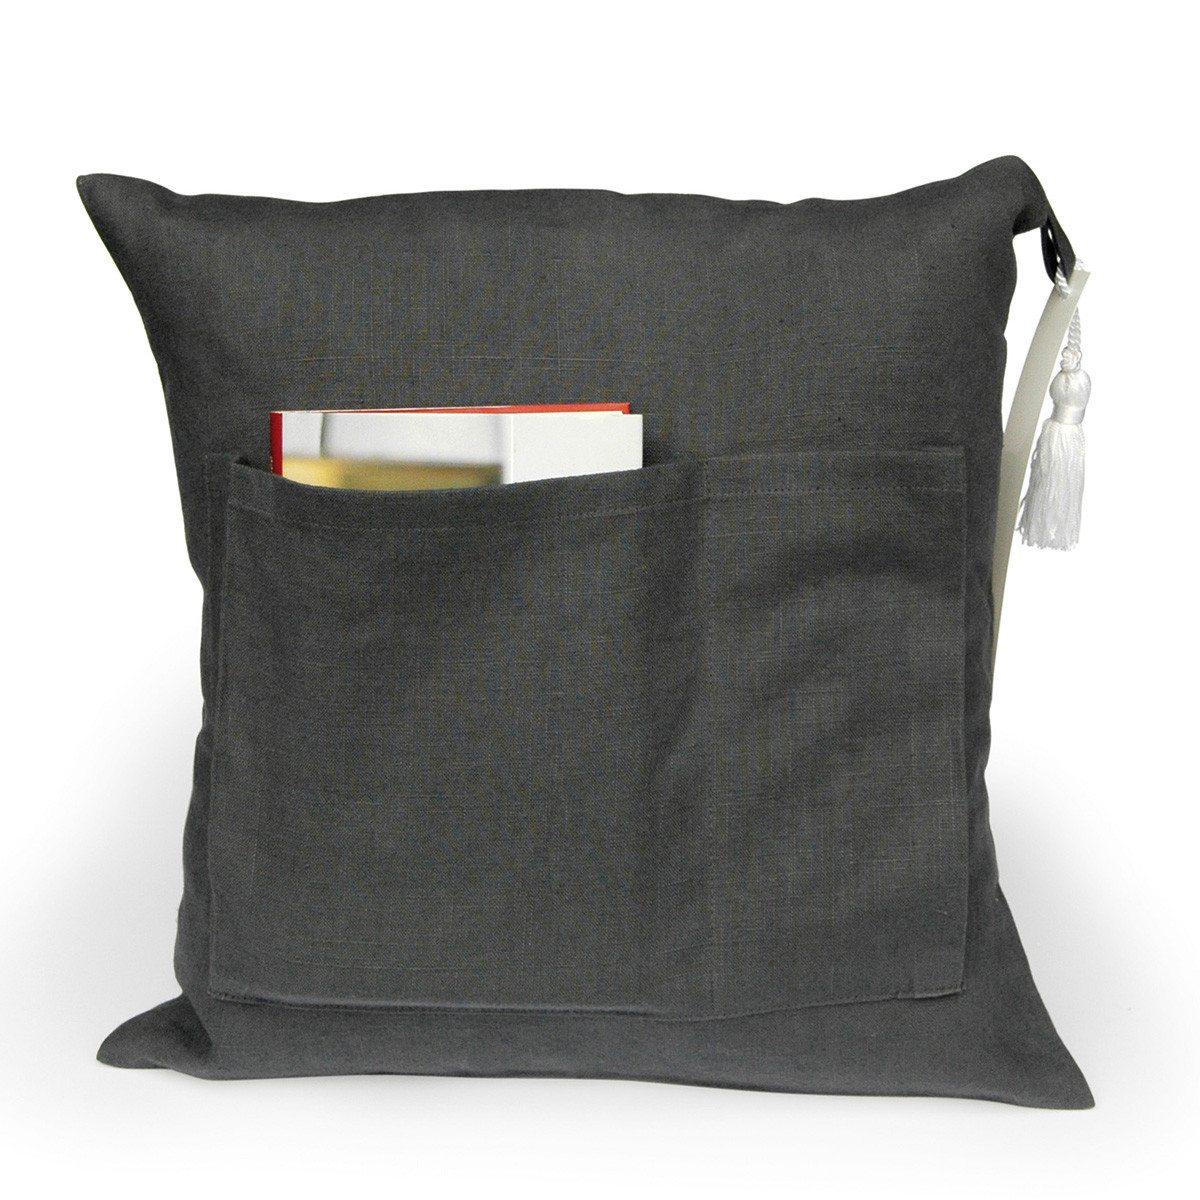 Lesekissen - Das Kissen für Leseratten